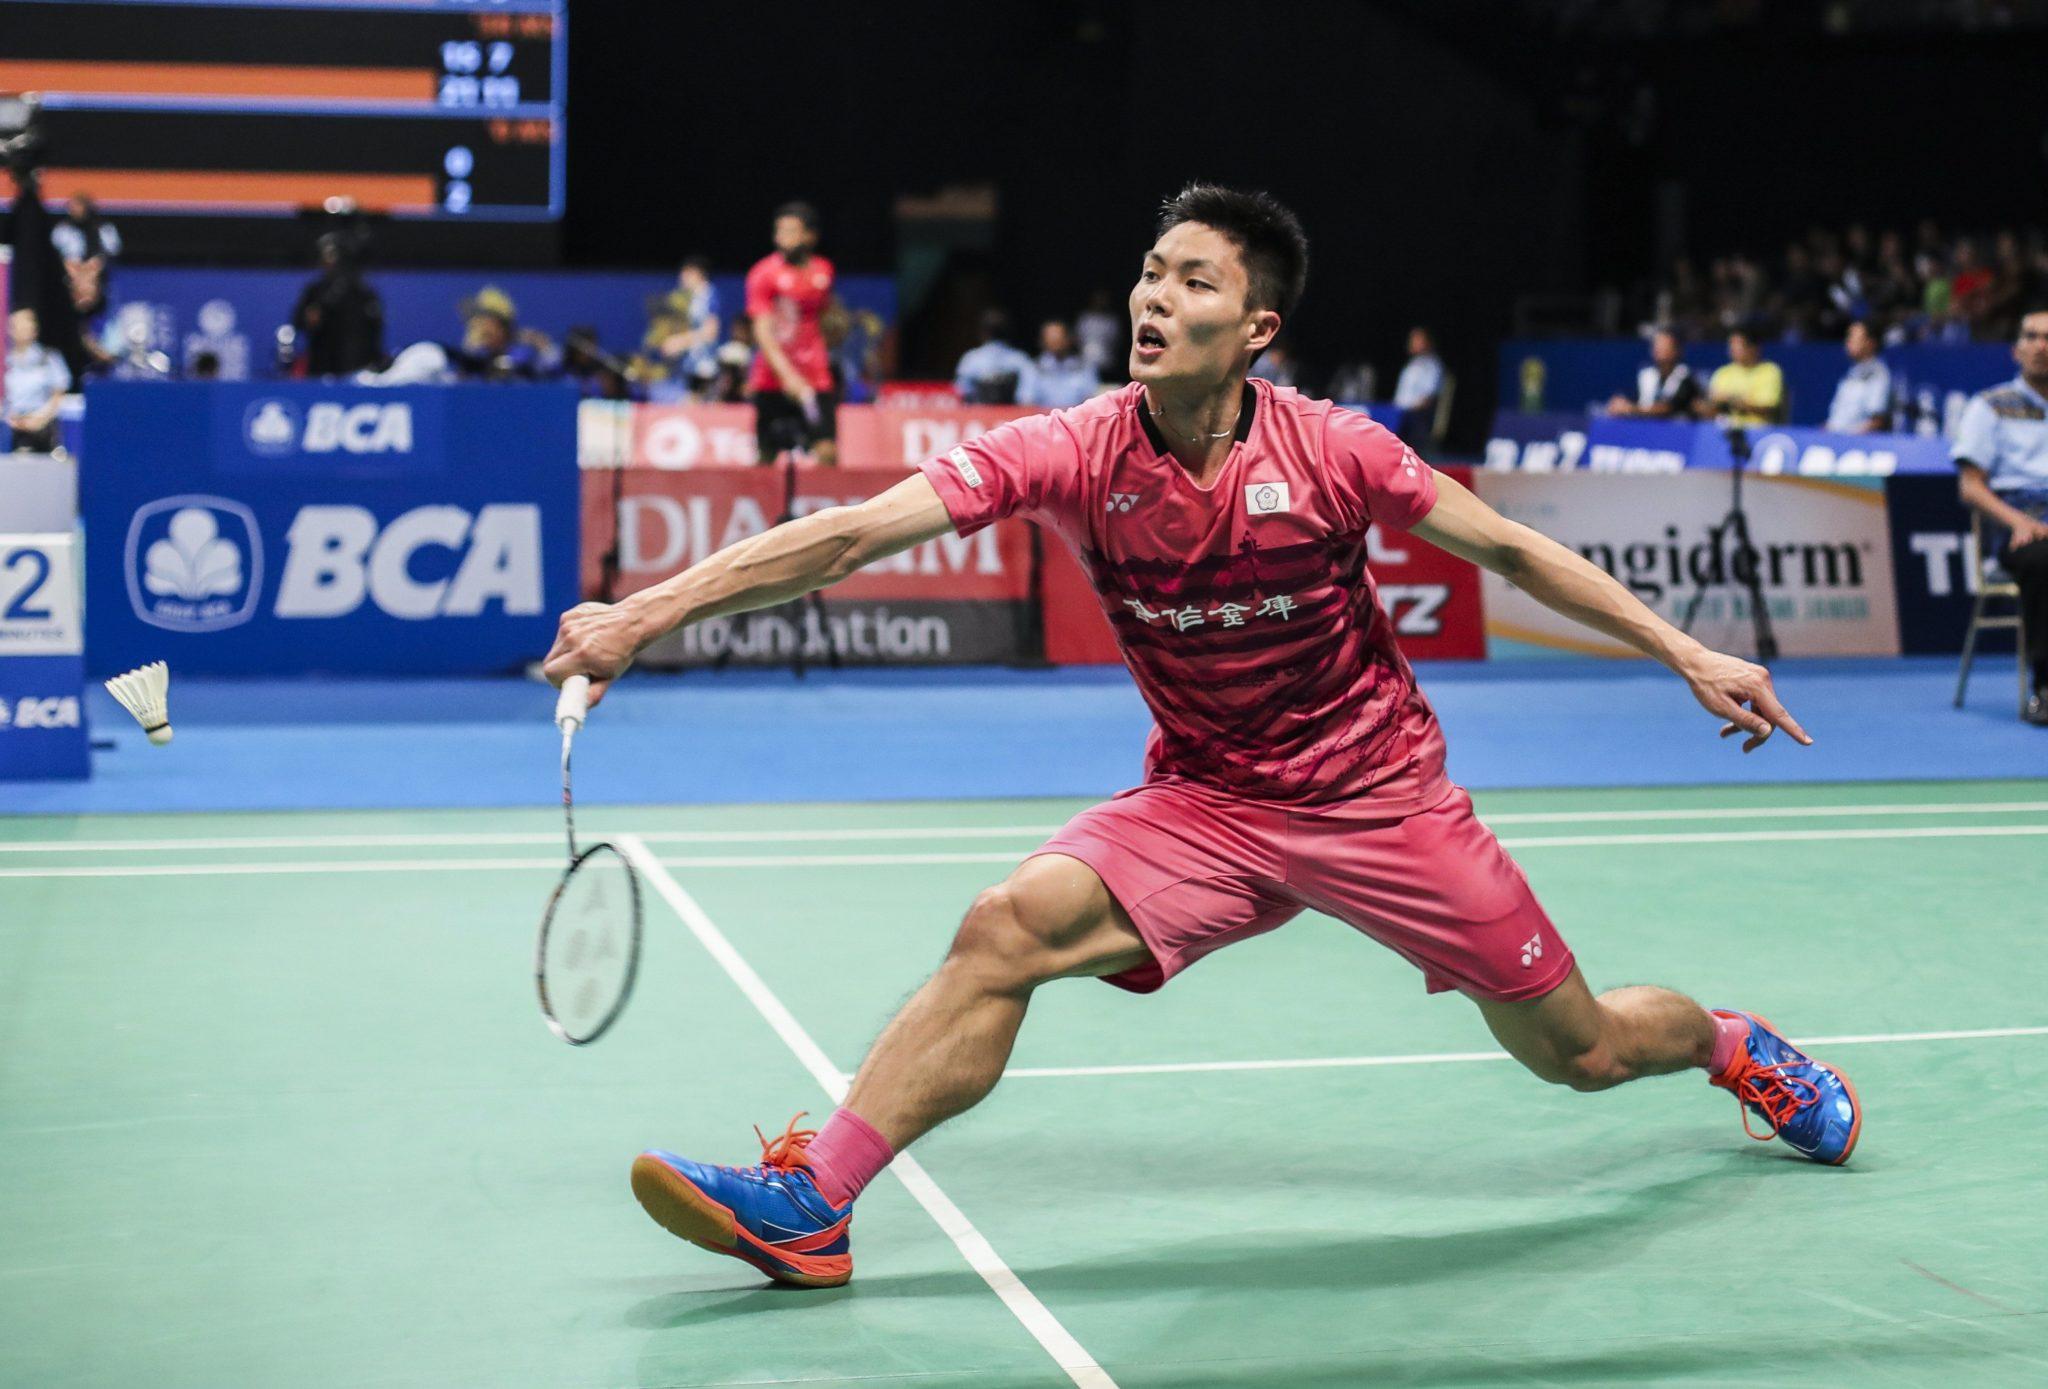 Mistrzostwa Azji w badmintonie w Indonezji